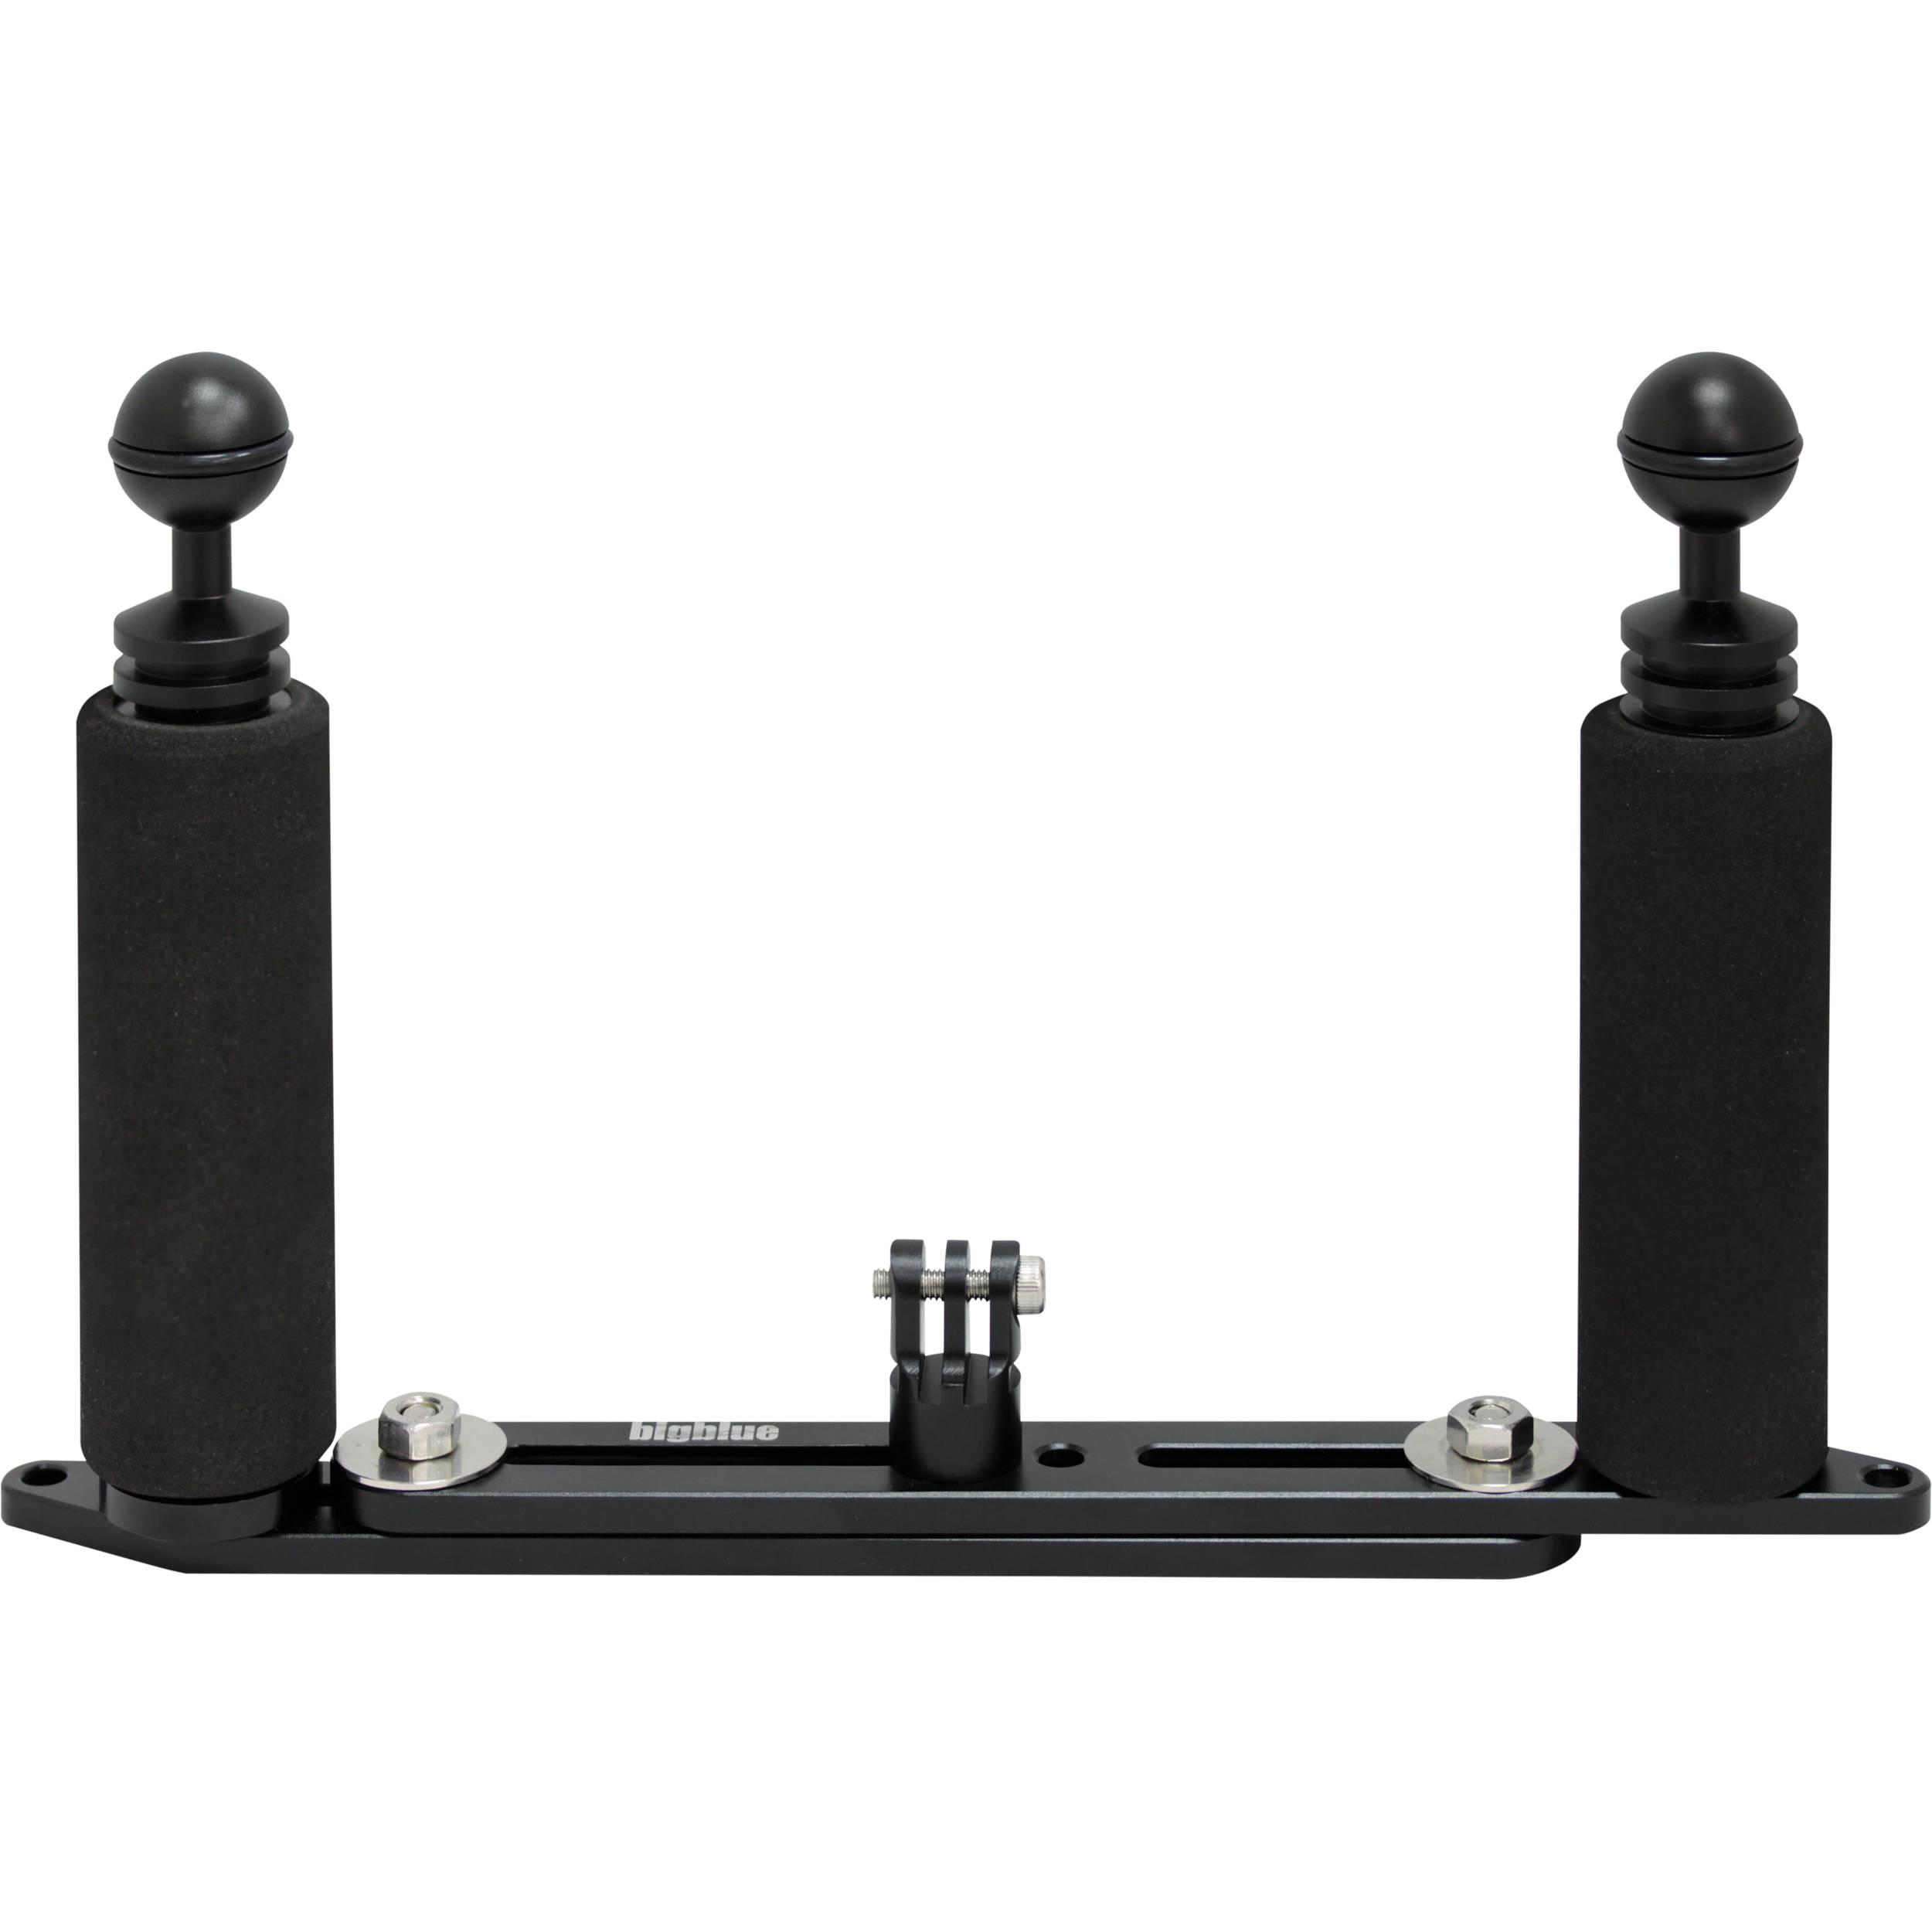 100 Extendable Extendable Inspection Mirror Ebay  : bigblueextendgptrayextendablecameramountingtray1207766 from 45.76.66.238 size 2500 x 2500 jpeg 160kB